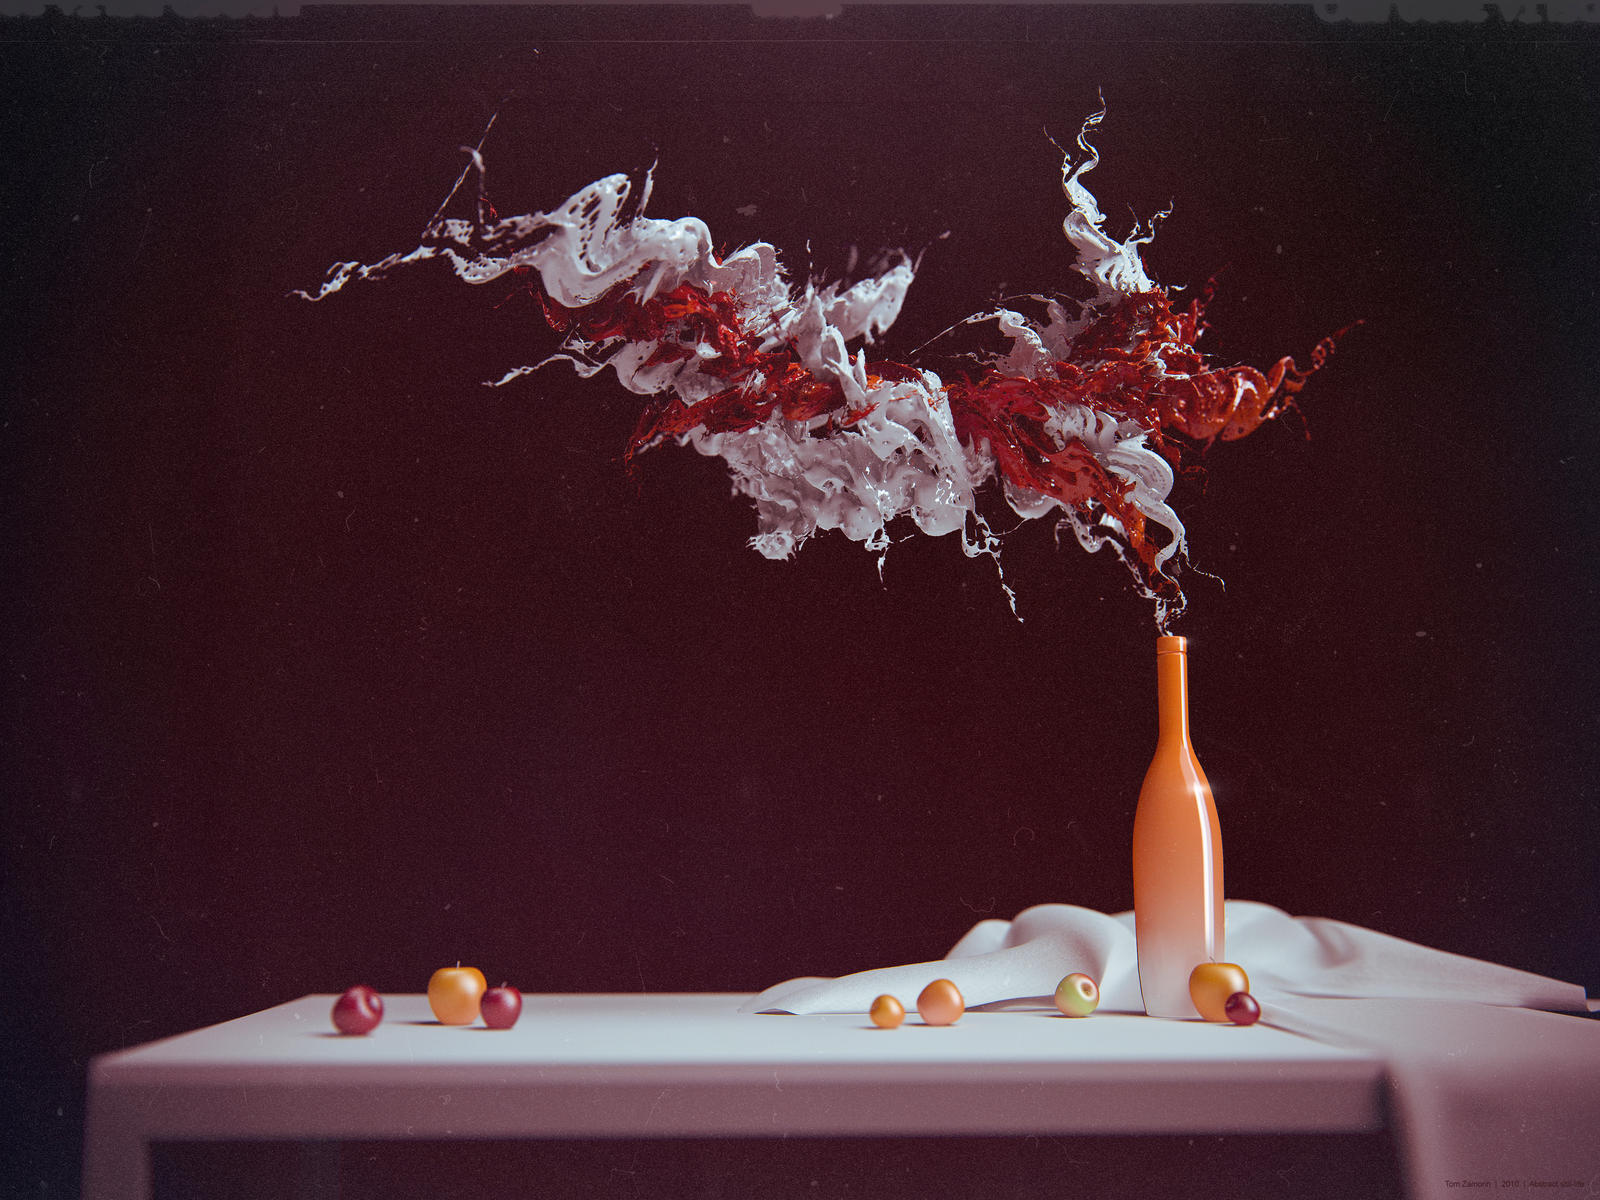 Abstract still-life_v.01